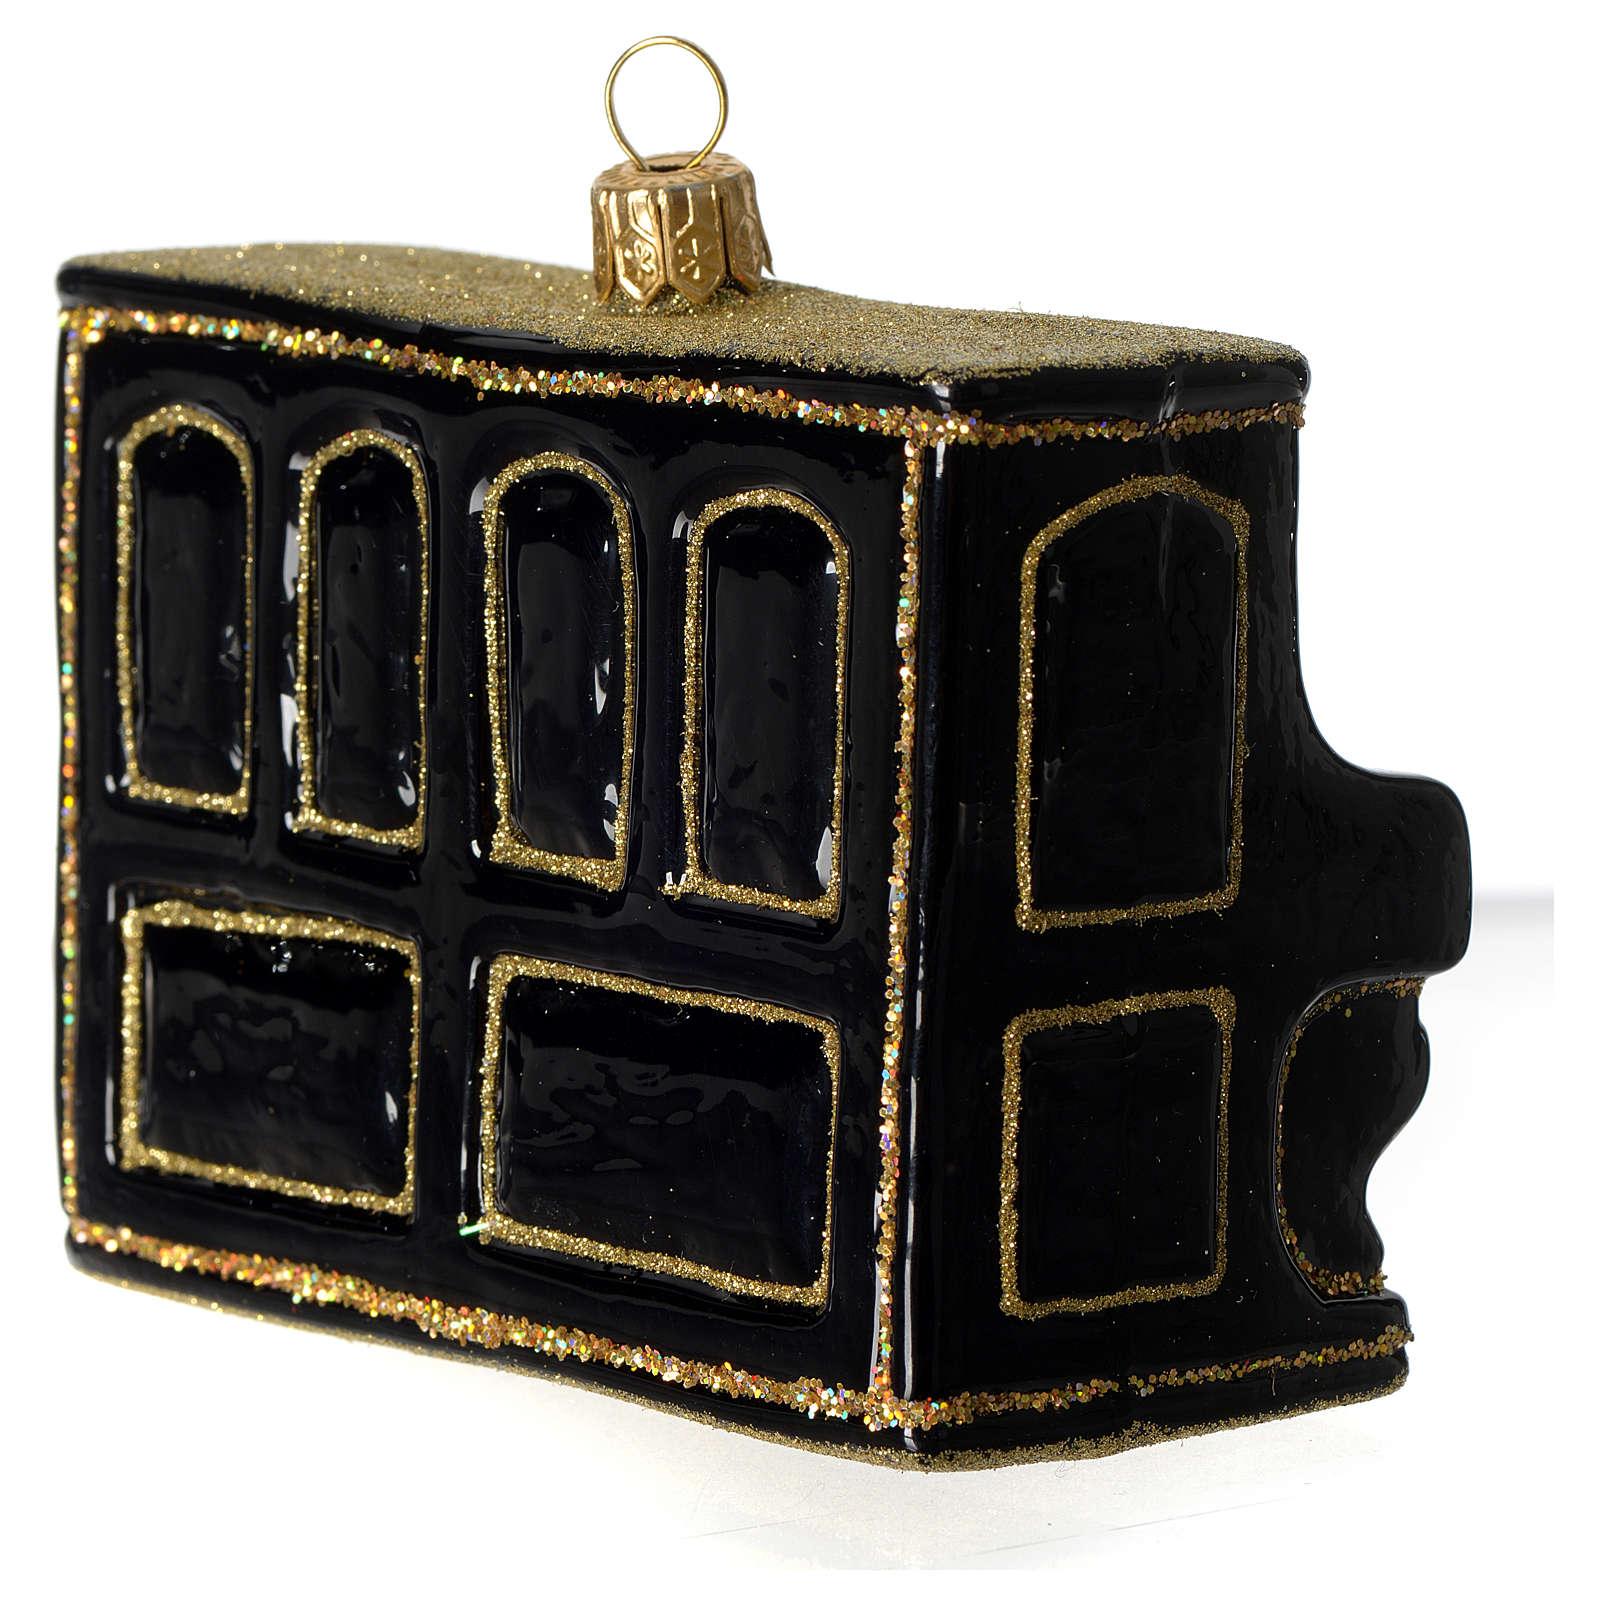 Piano décoration verre soufflé Sapin Noël 4